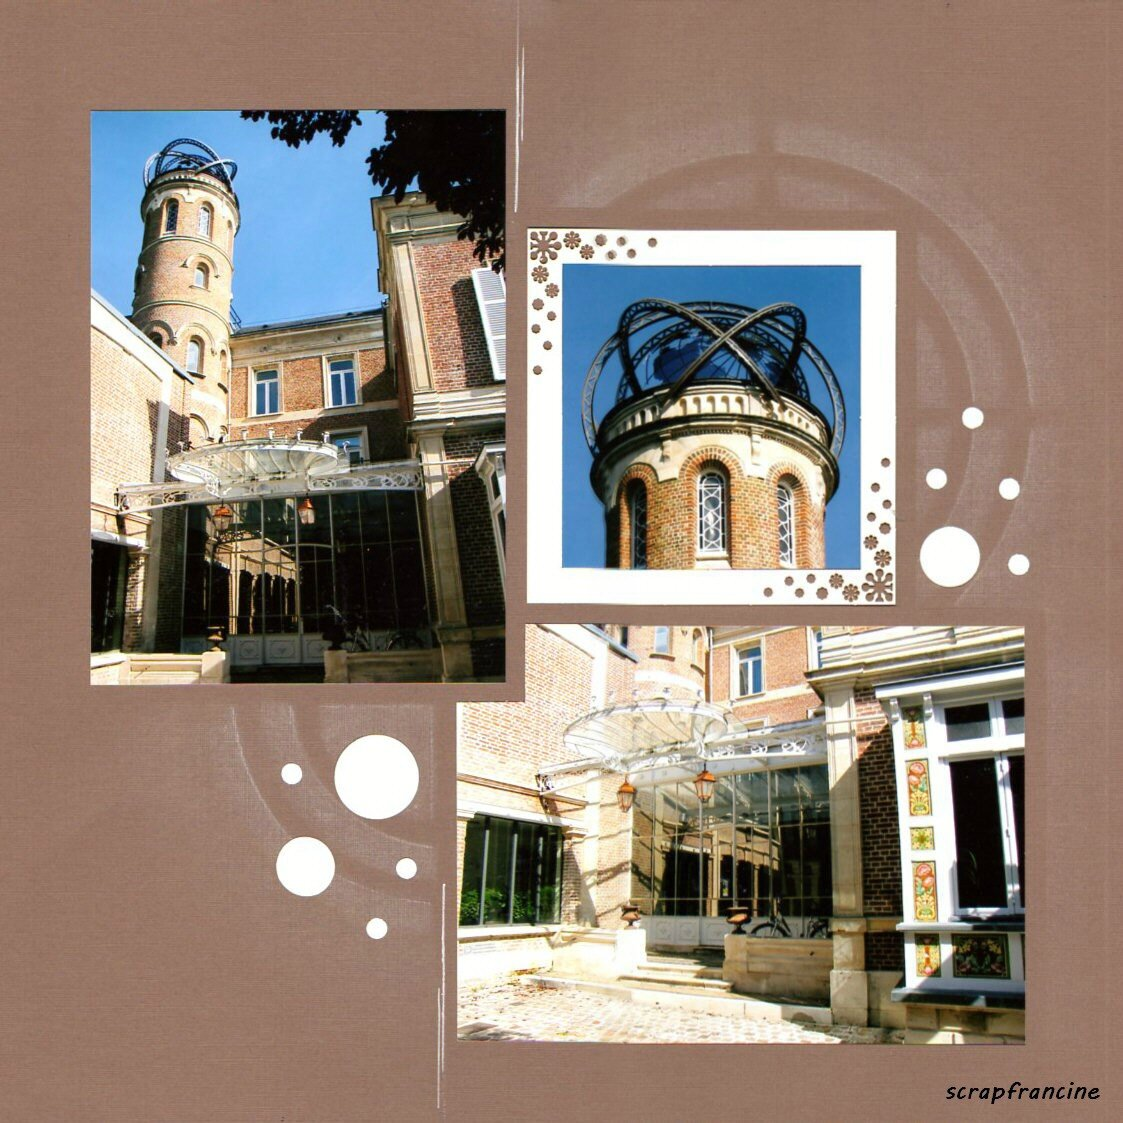 09.Maison de Jules Verne